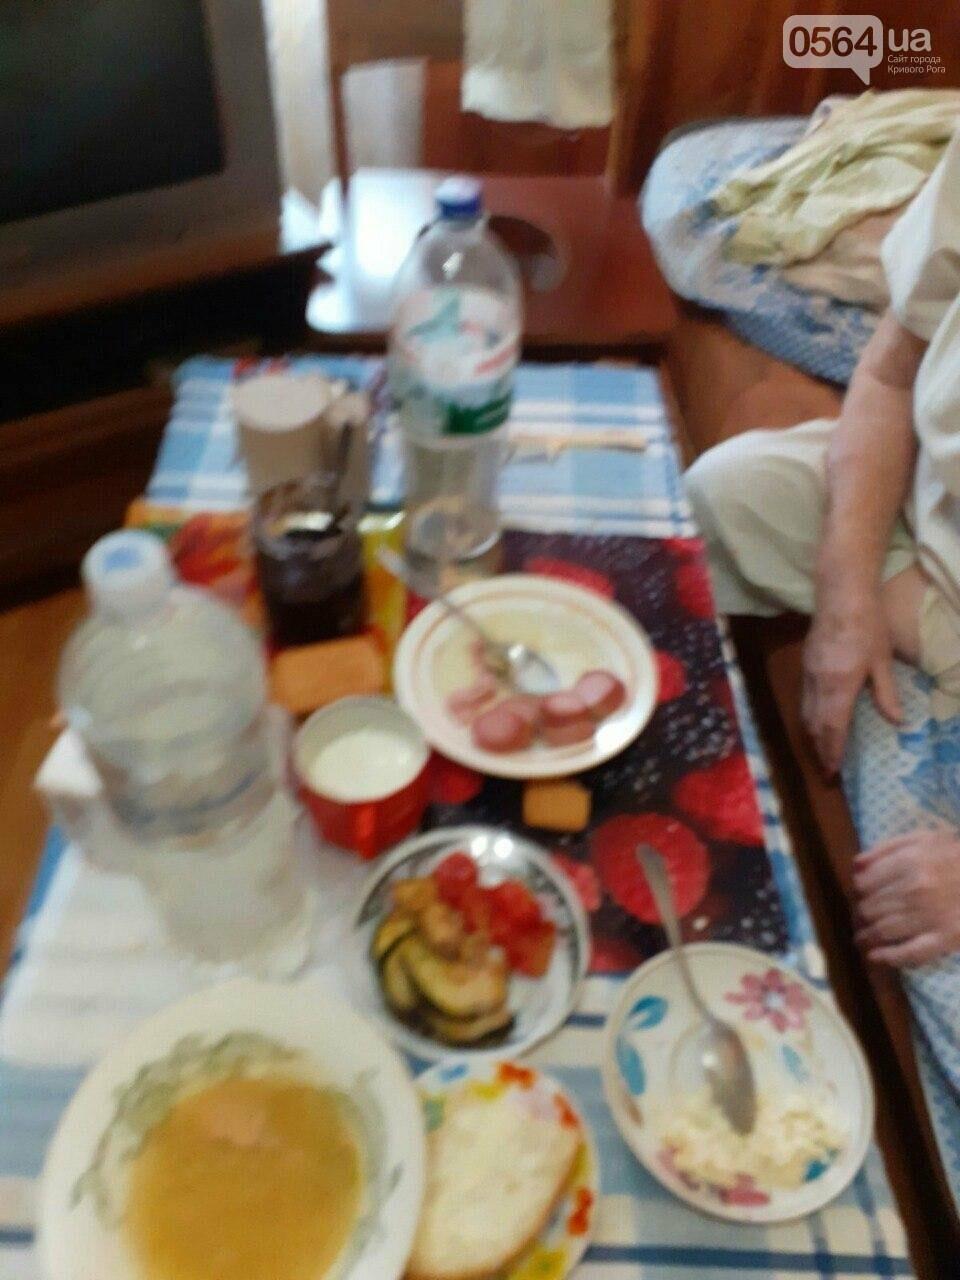 В Кривом Роге старушка, у которой ампутирована нога, днем и ночью без присмотра находится одна в запертой квартире, - ФОТО, фото-2